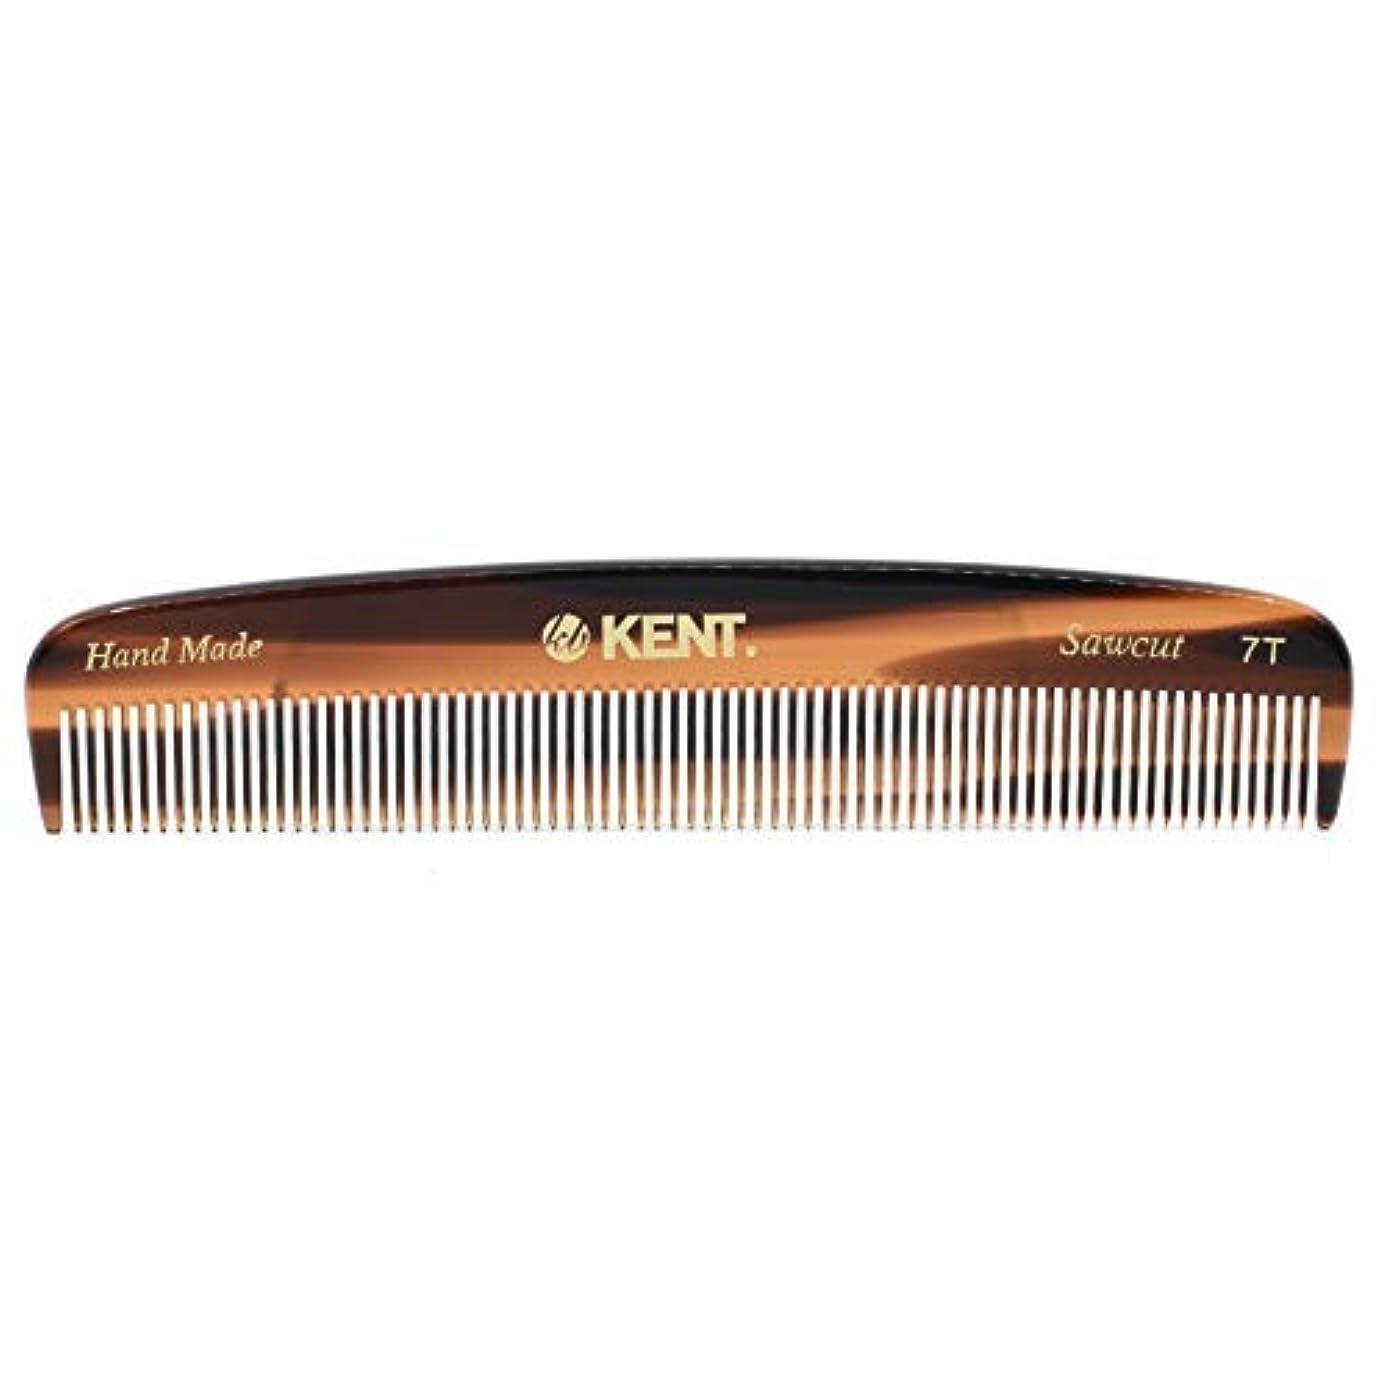 ホスト体うそつきKent 7T - Handmade Fine Teeth Pocket Comb for Men and Women - Cellulose Acetate, Tortoise Shell (5 1/2